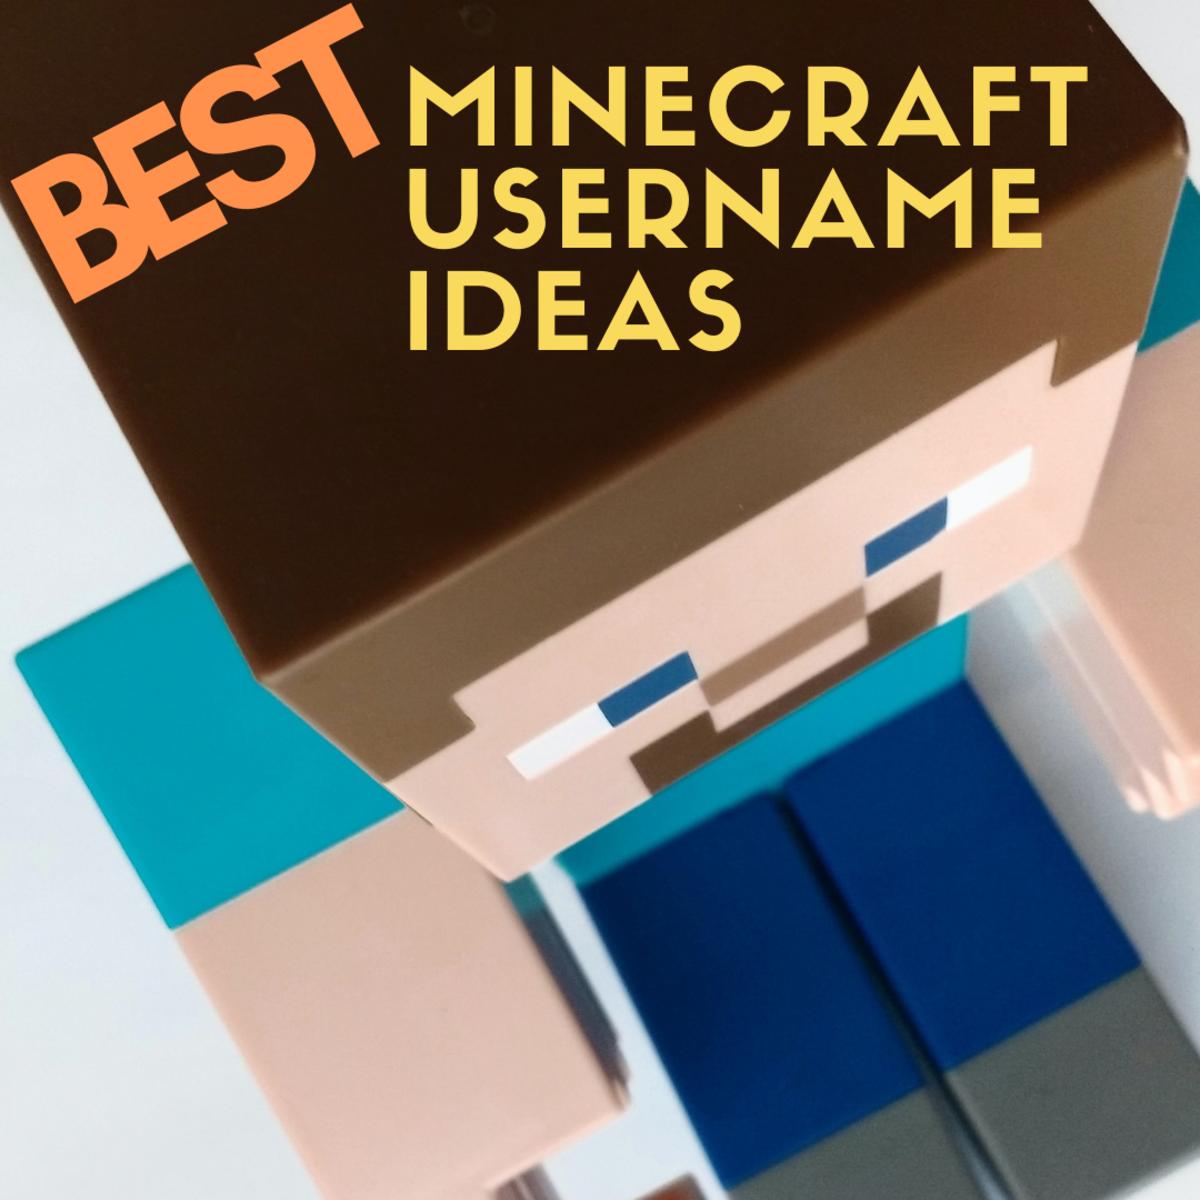 Best Minecraft Username Ideas